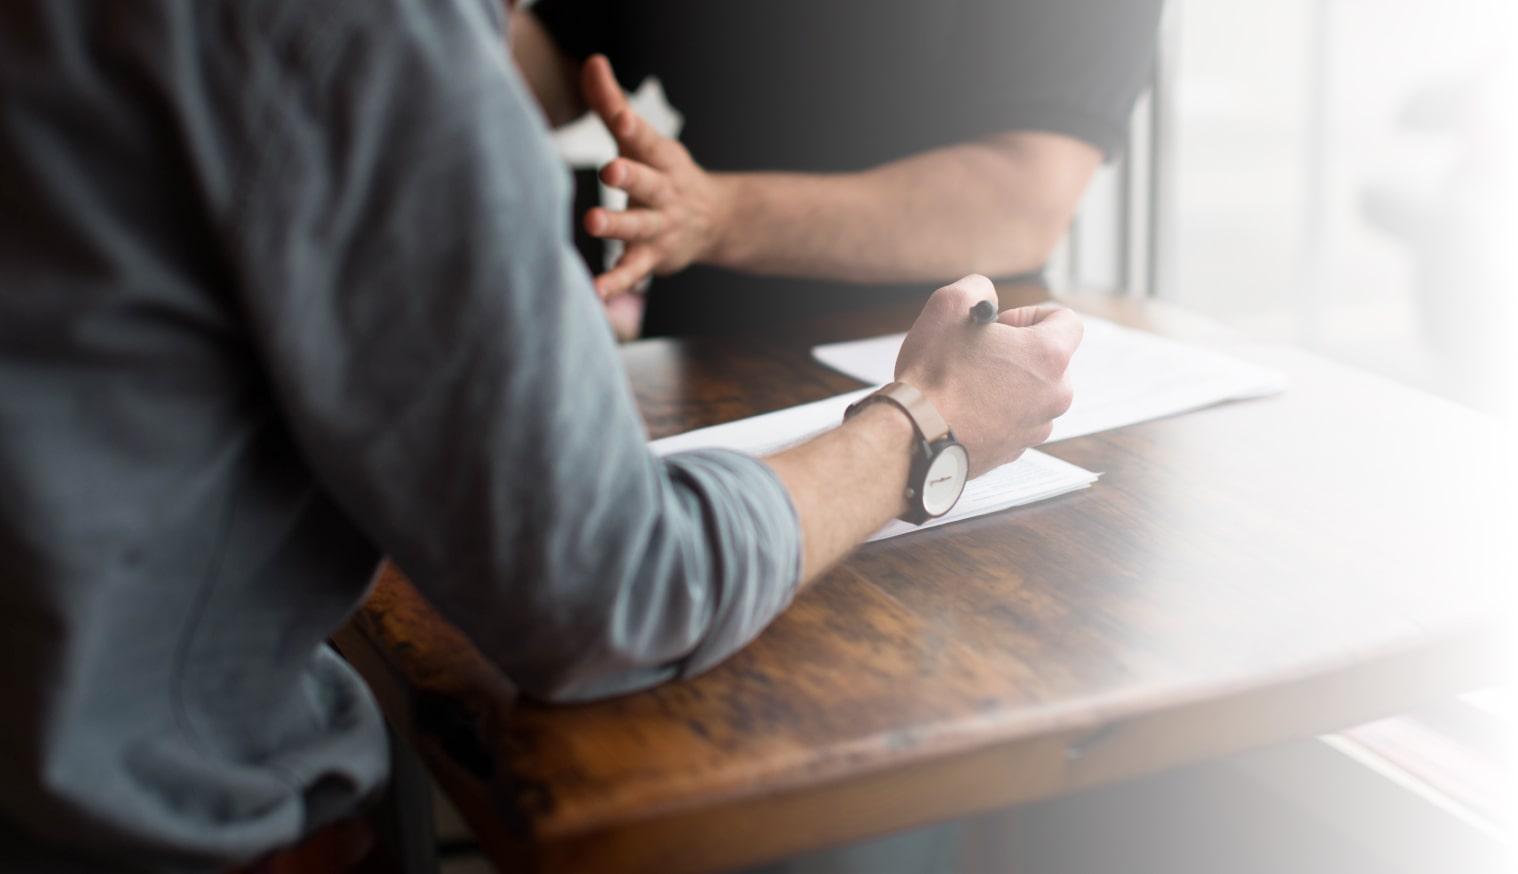 En quête permanente de la qualitéBien qu'ayant une relation régie par un cadre contractuel, nous percevons toujours un client comme un partenaire auprès de qui nous nous engageons à apporter du conseil, de l'assistance et un accompagnement de qualité pendant toute la durée de notre relation. Tous les utilisateurs sont satisfaits d'utiliser une solution simple, riche et adaptée à leurs besoins. Cela sera également le cas pour vos utilisateurs.